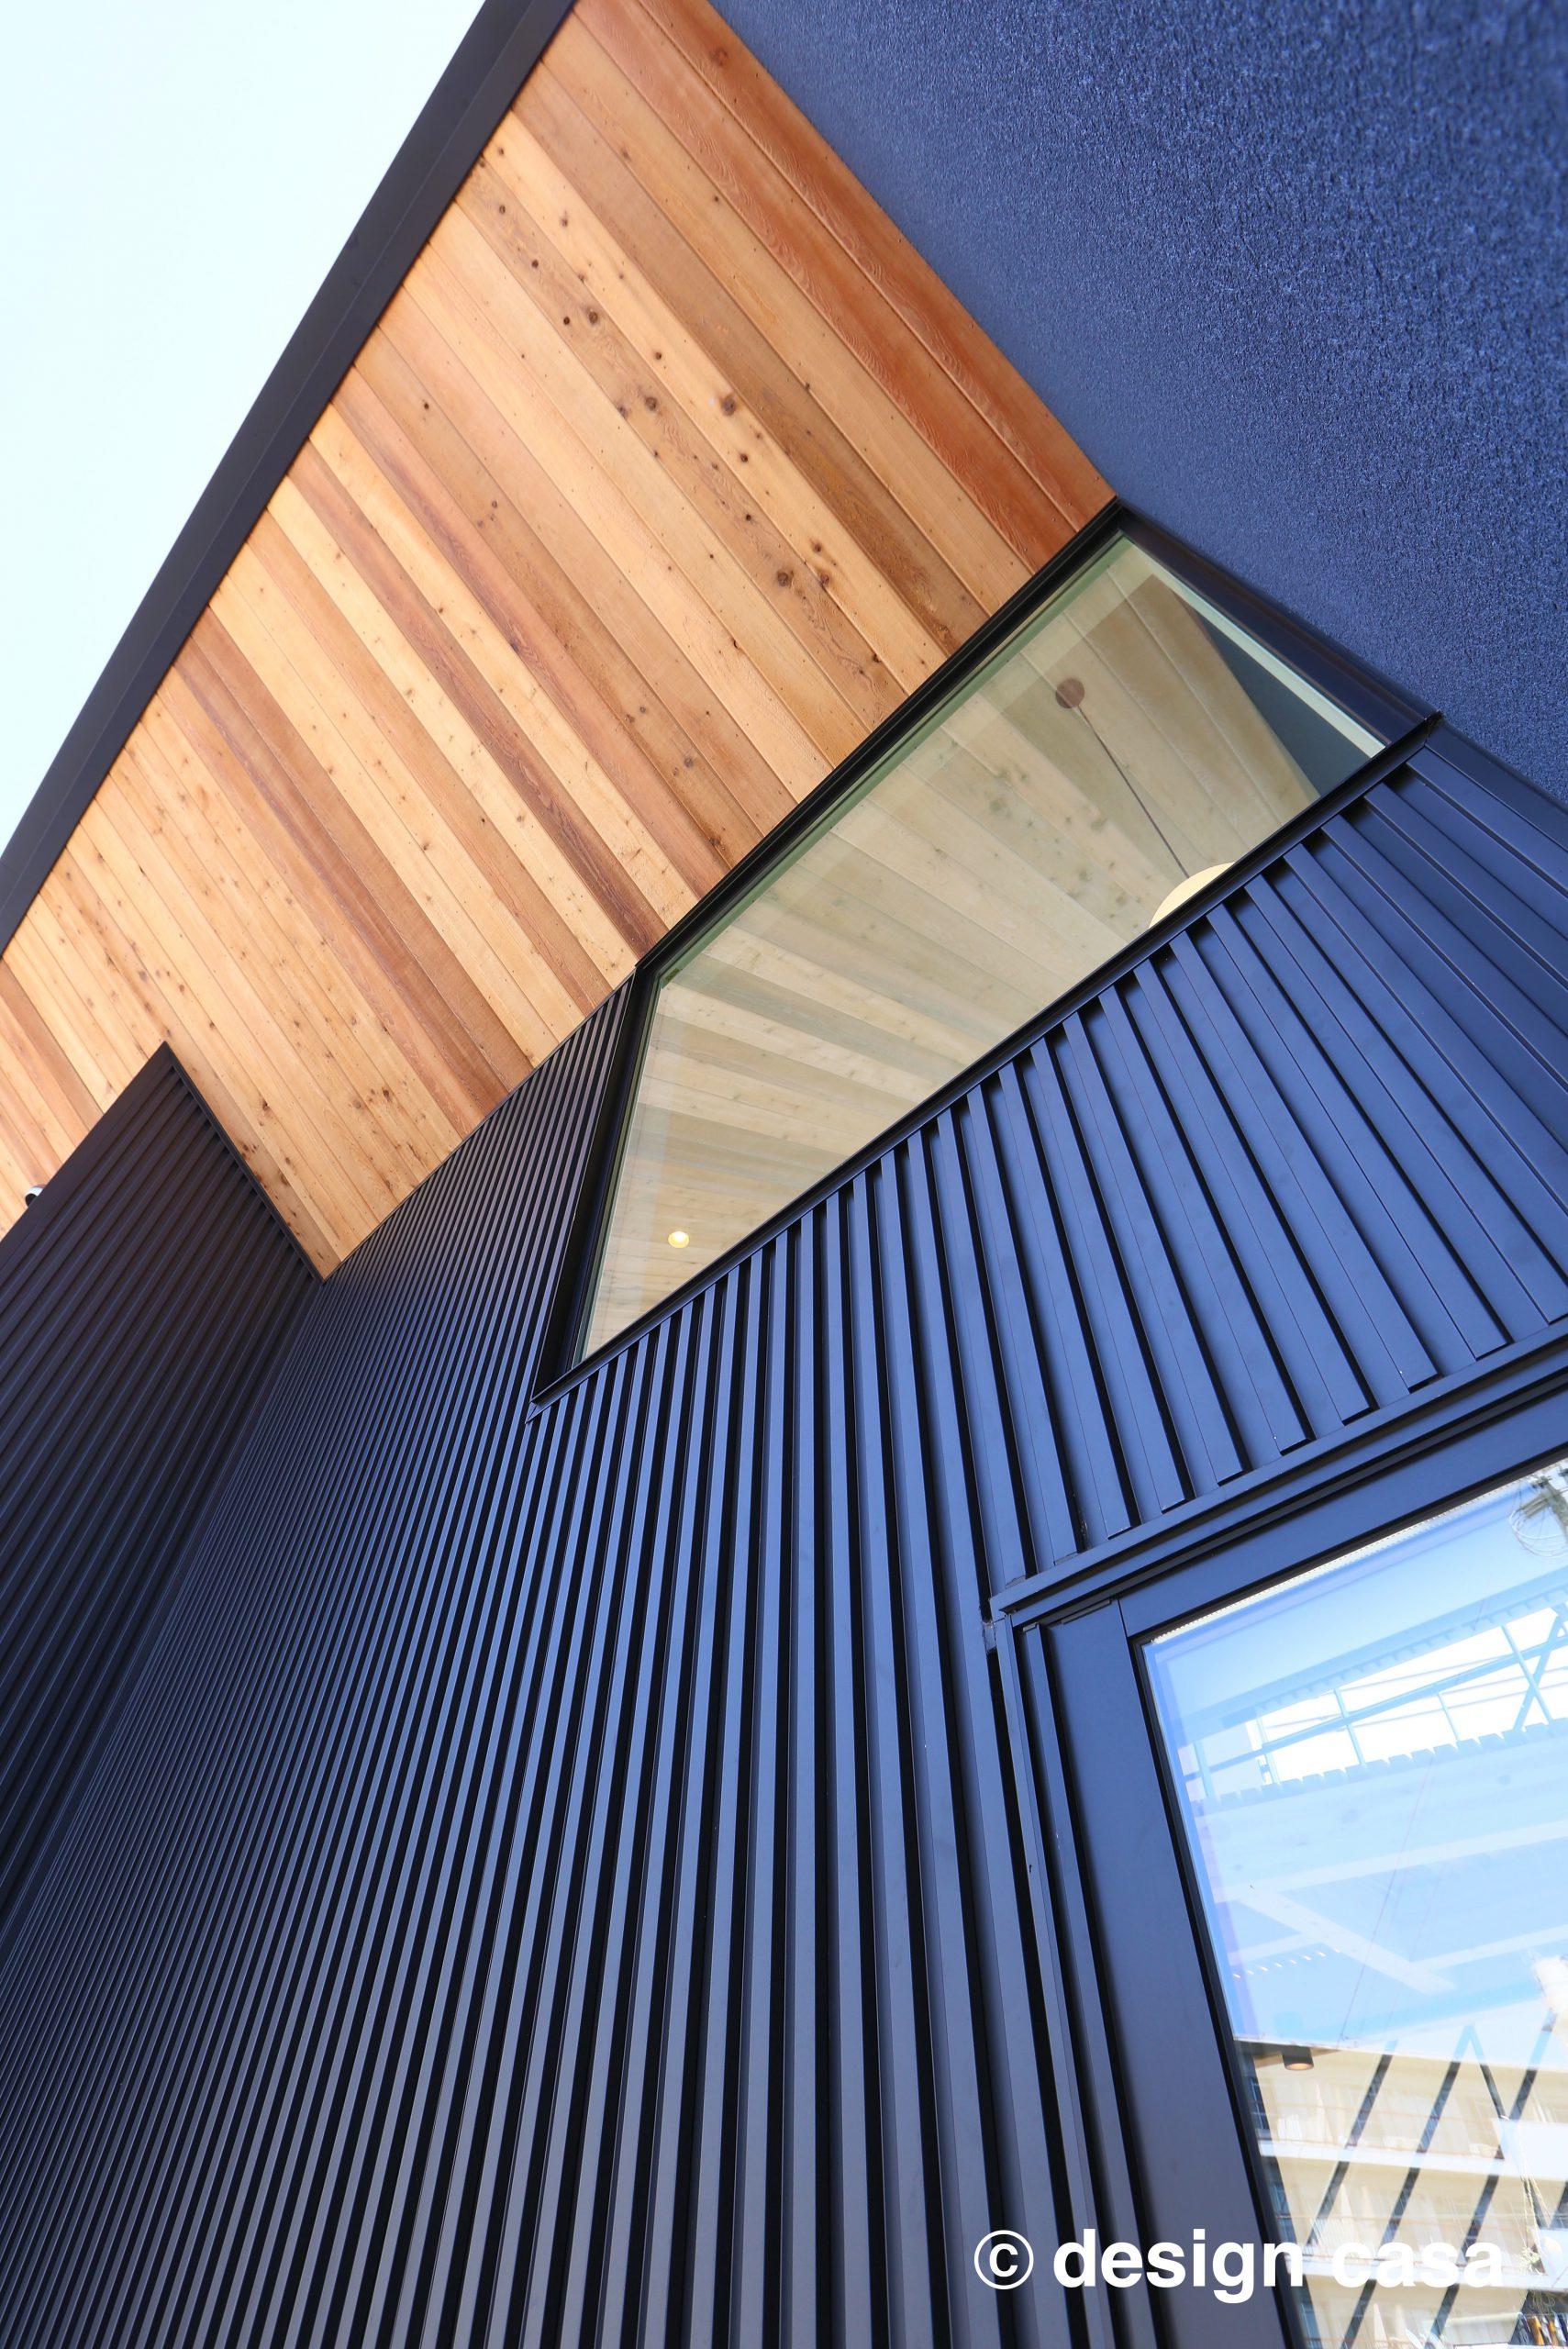 ガルバリウム鋼板のサイディングの事例:耐久性とデザイン性も高い家づくりができる